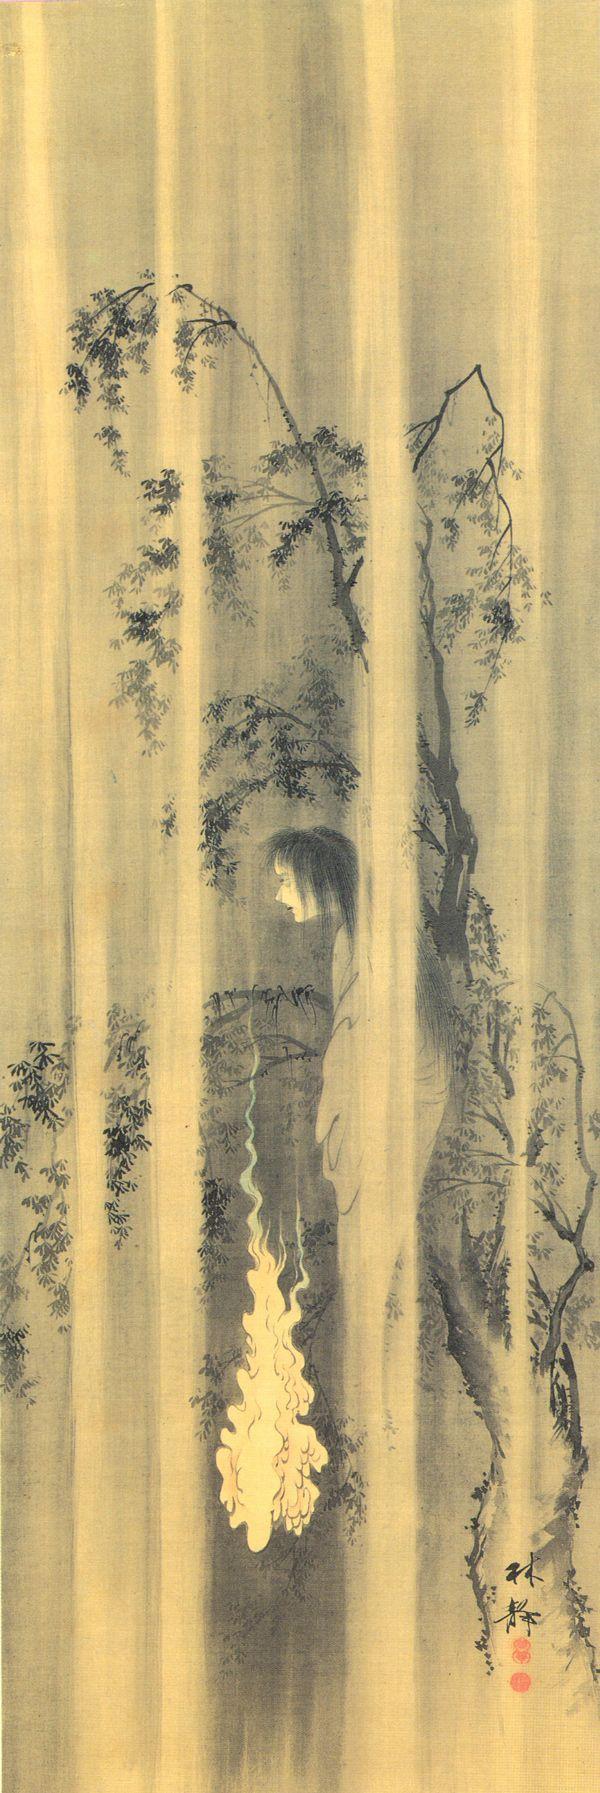 559 best Yokai images on Pinterest | Japanese art, Demons ...